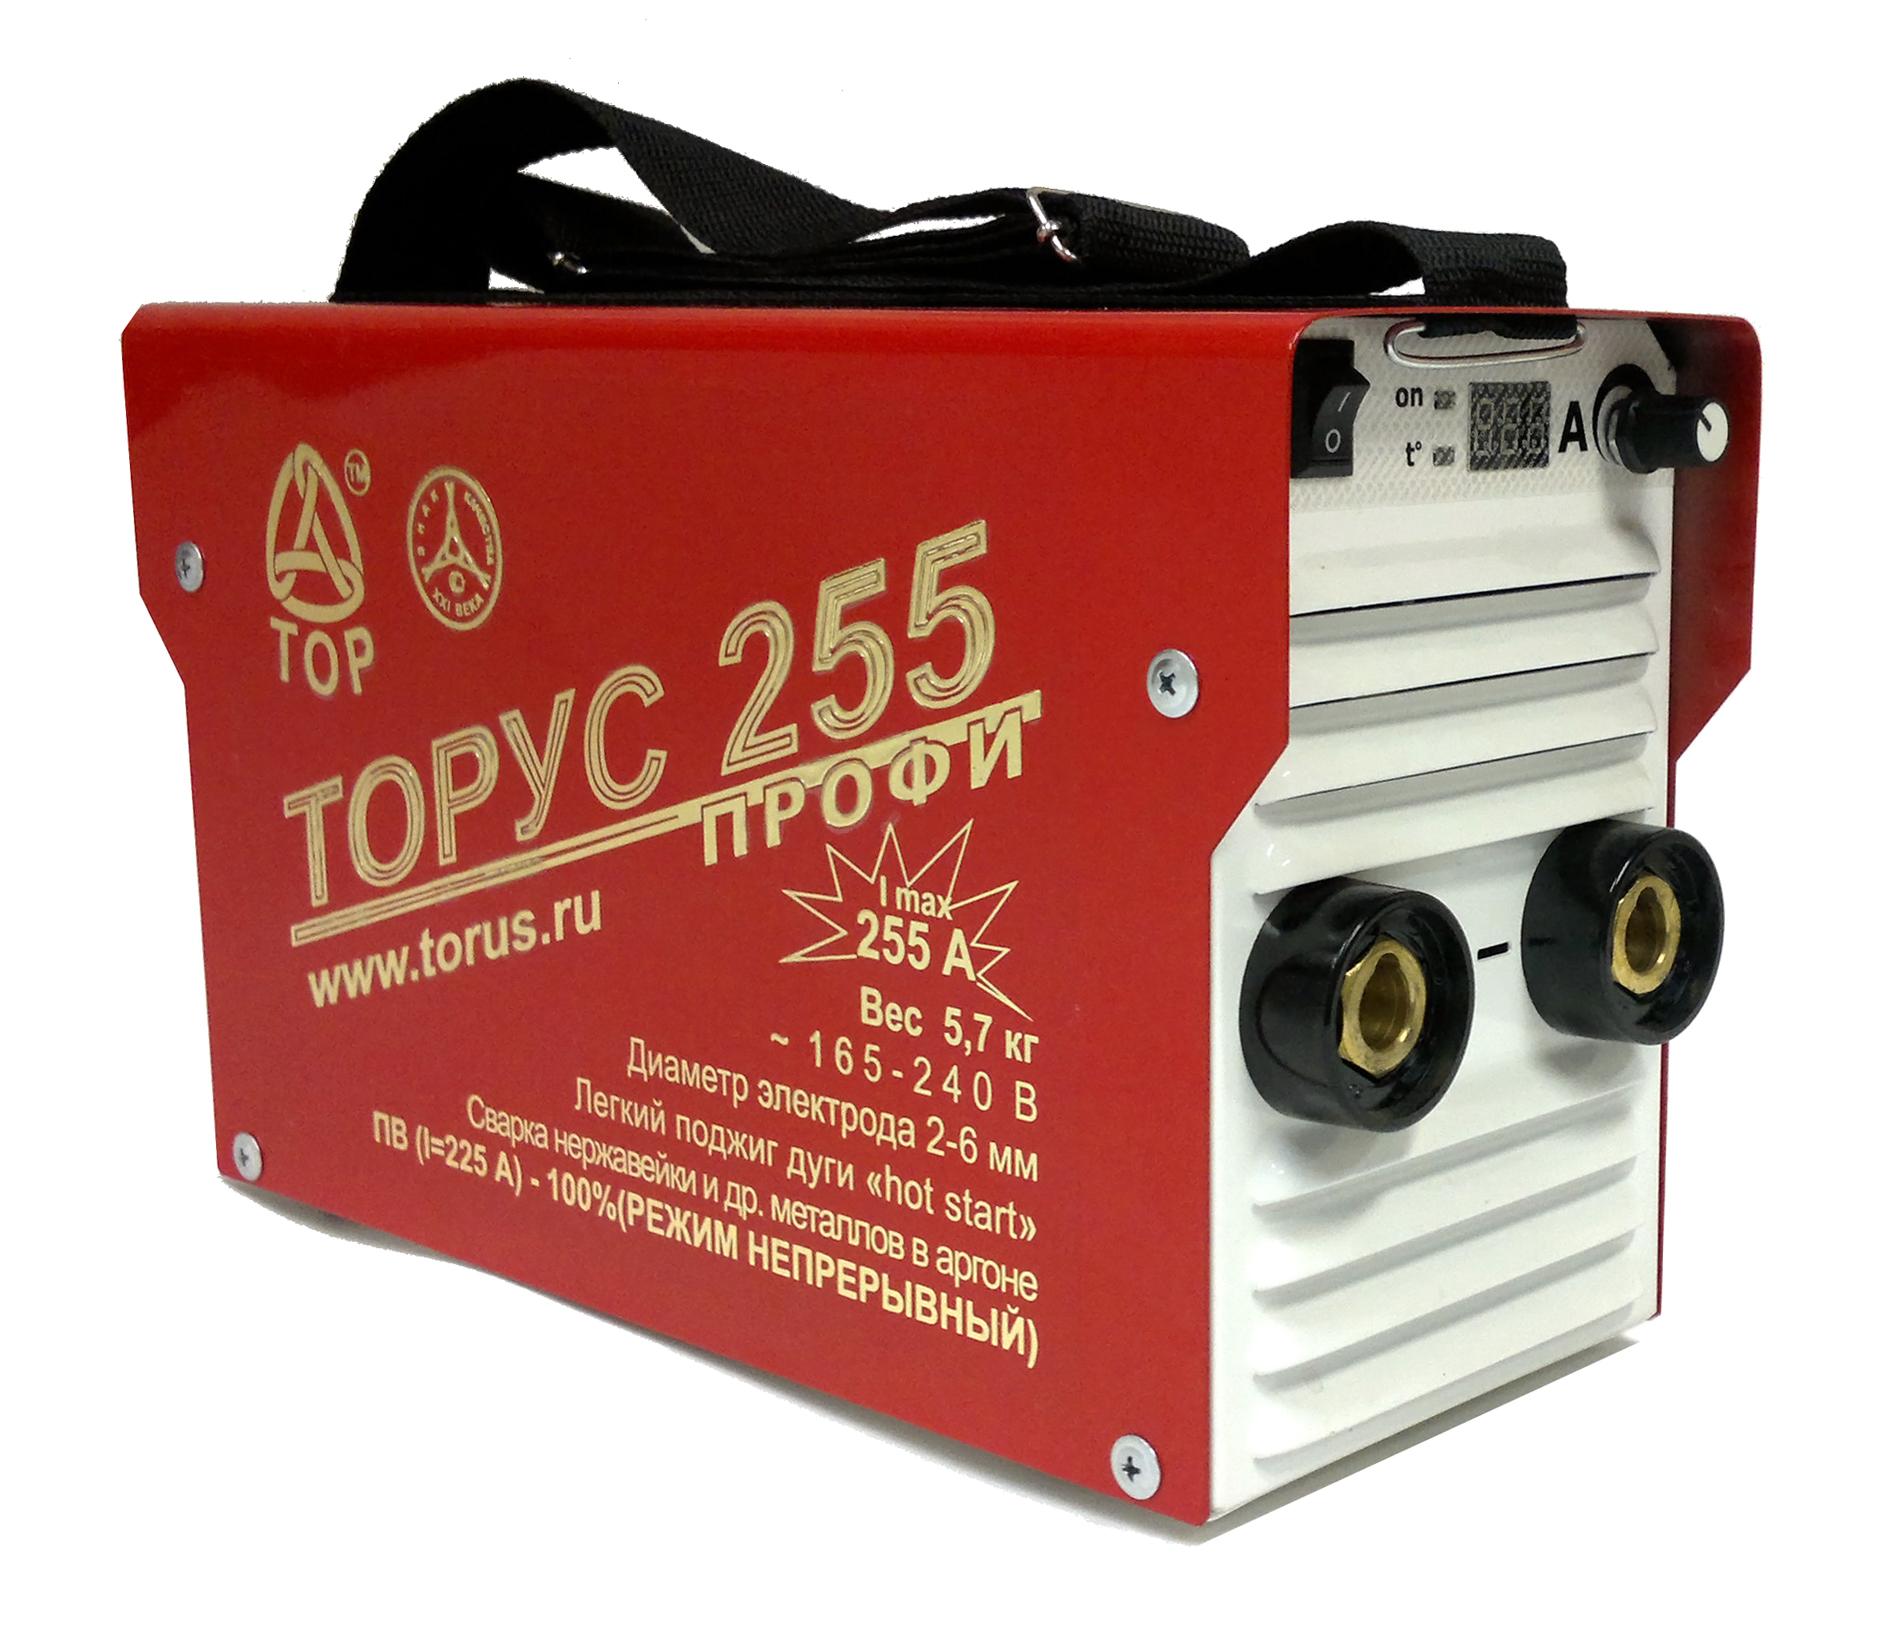 Сварочный аппарат ТОРУССварочные аппараты<br>Макс. сварочный ток: 255,<br>Мощность: 8500,<br>Мощность полная: 8500,<br>Напряжение: 220,<br>Мин. входное напряжение: 165,<br>Выходной ток: 20-255,<br>Напряжение холостого хода: 65,<br>Мин. диаметр электрода: 2,<br>Макс. диаметр электрода: 6,<br>Тип сварочного аппарата: инверторный,<br>Тип сварки: дуговая (MMA+TIG),<br>Инверторная технология: есть,<br>Размеры: 125х190х330,<br>Поставляется в: коробке,<br>Класс: проф.,<br>Режим работы ПН %: 100% при 225 А, 80% при 255 А,<br>Вес нетто: 5.7<br>